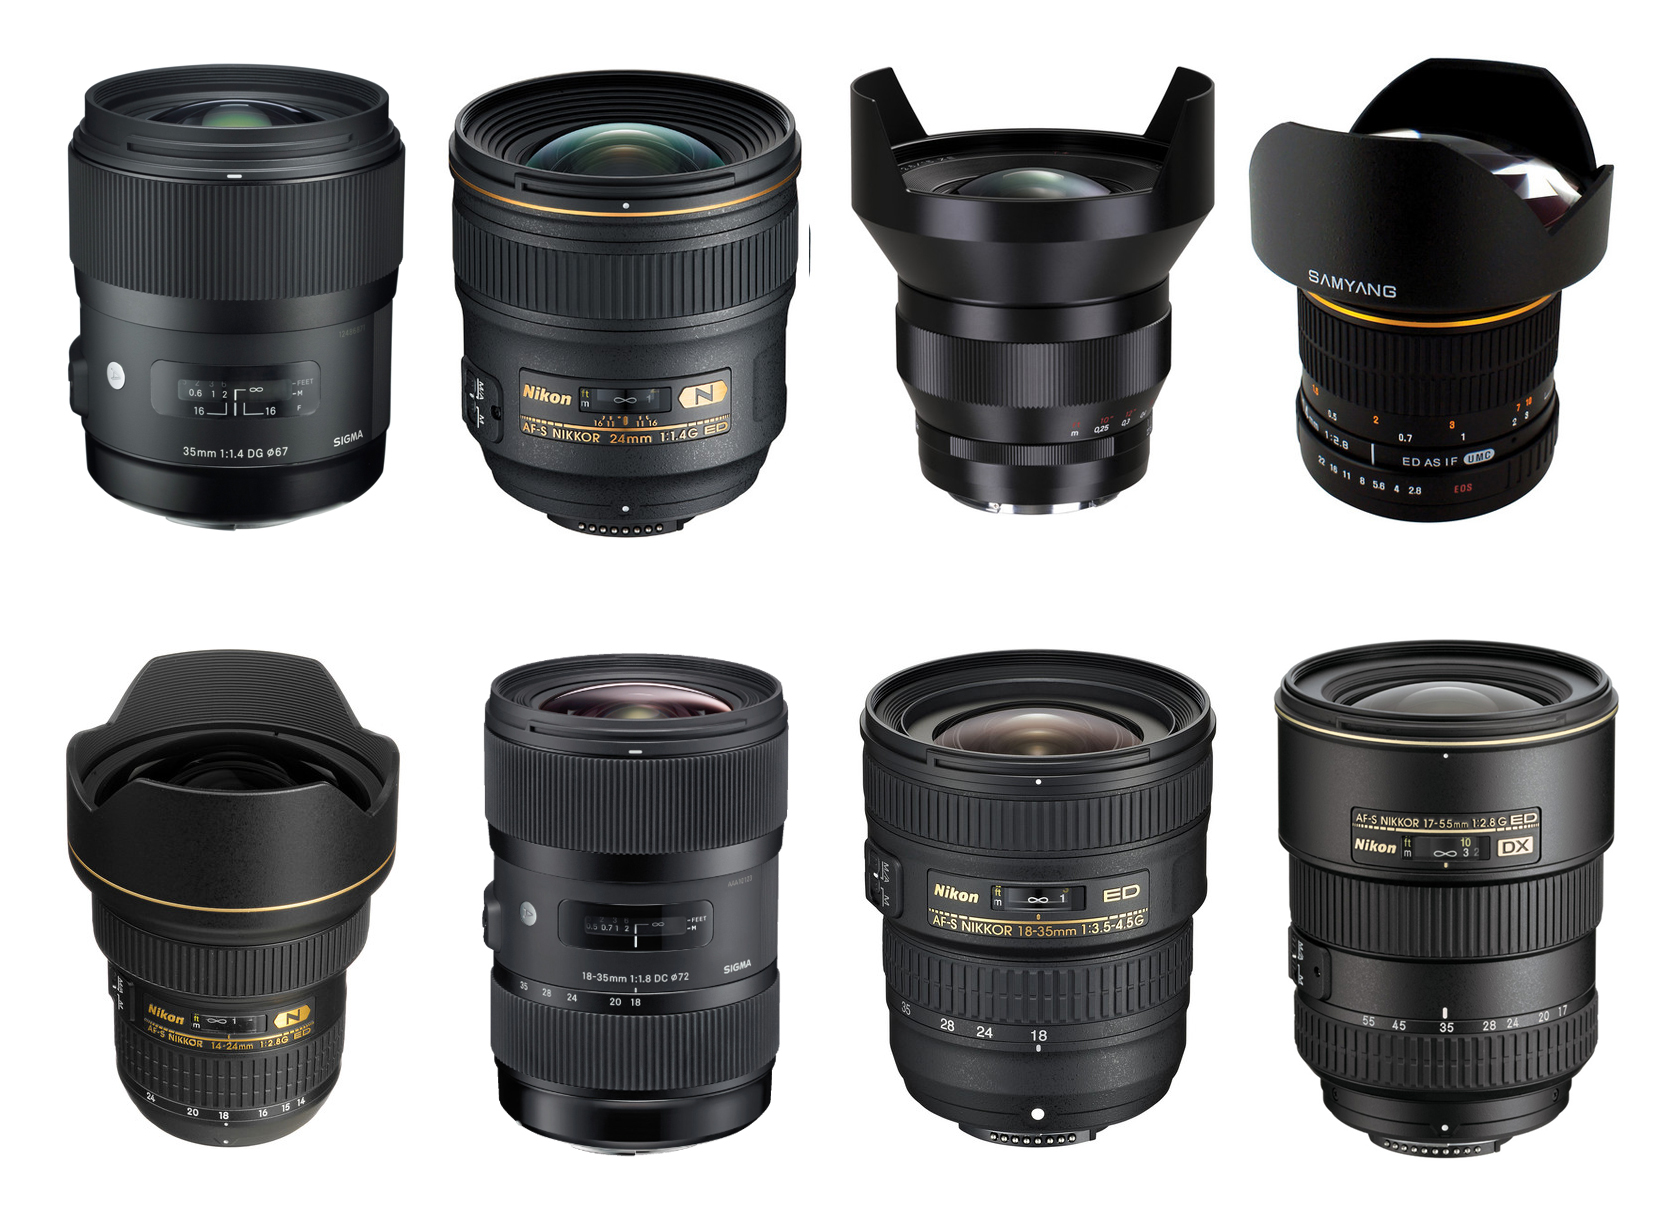 Breedhoek Camera Objectieven Fotokenner Nl